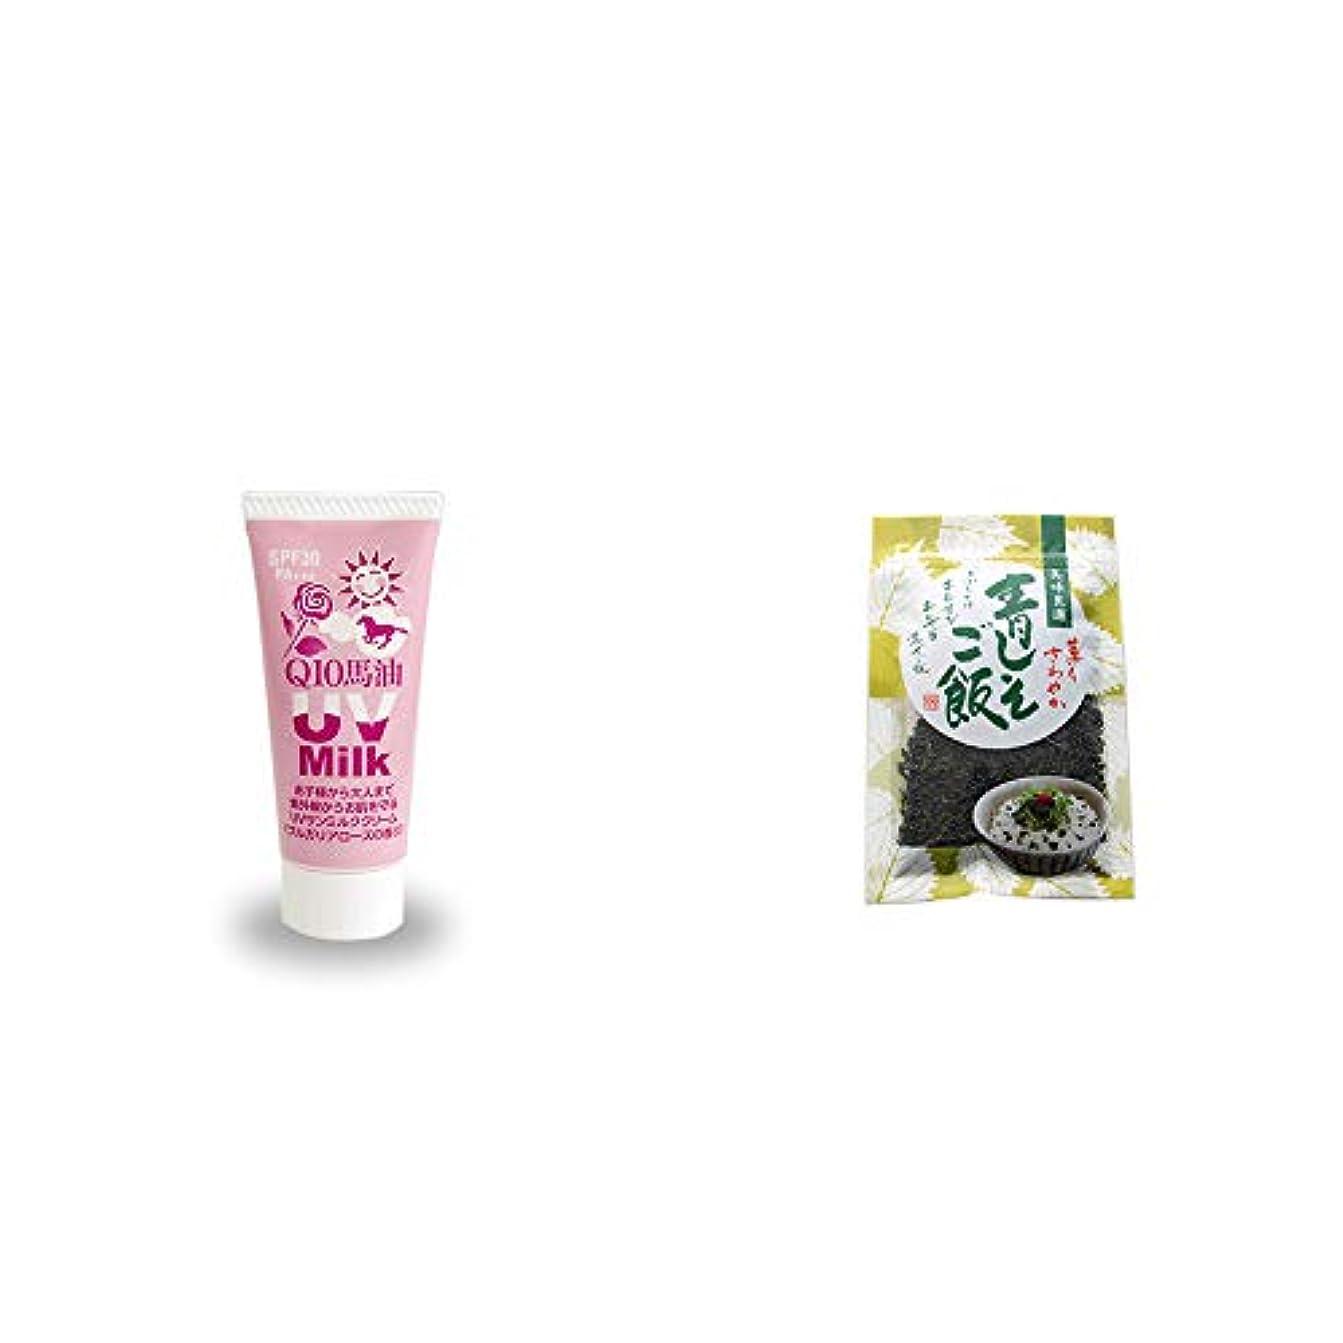 ペイン存在虫[2点セット] 炭黒泉 Q10馬油 UVサンミルク[ブルガリアローズ](40g)?薫りさわやか 青しそご飯(80g)